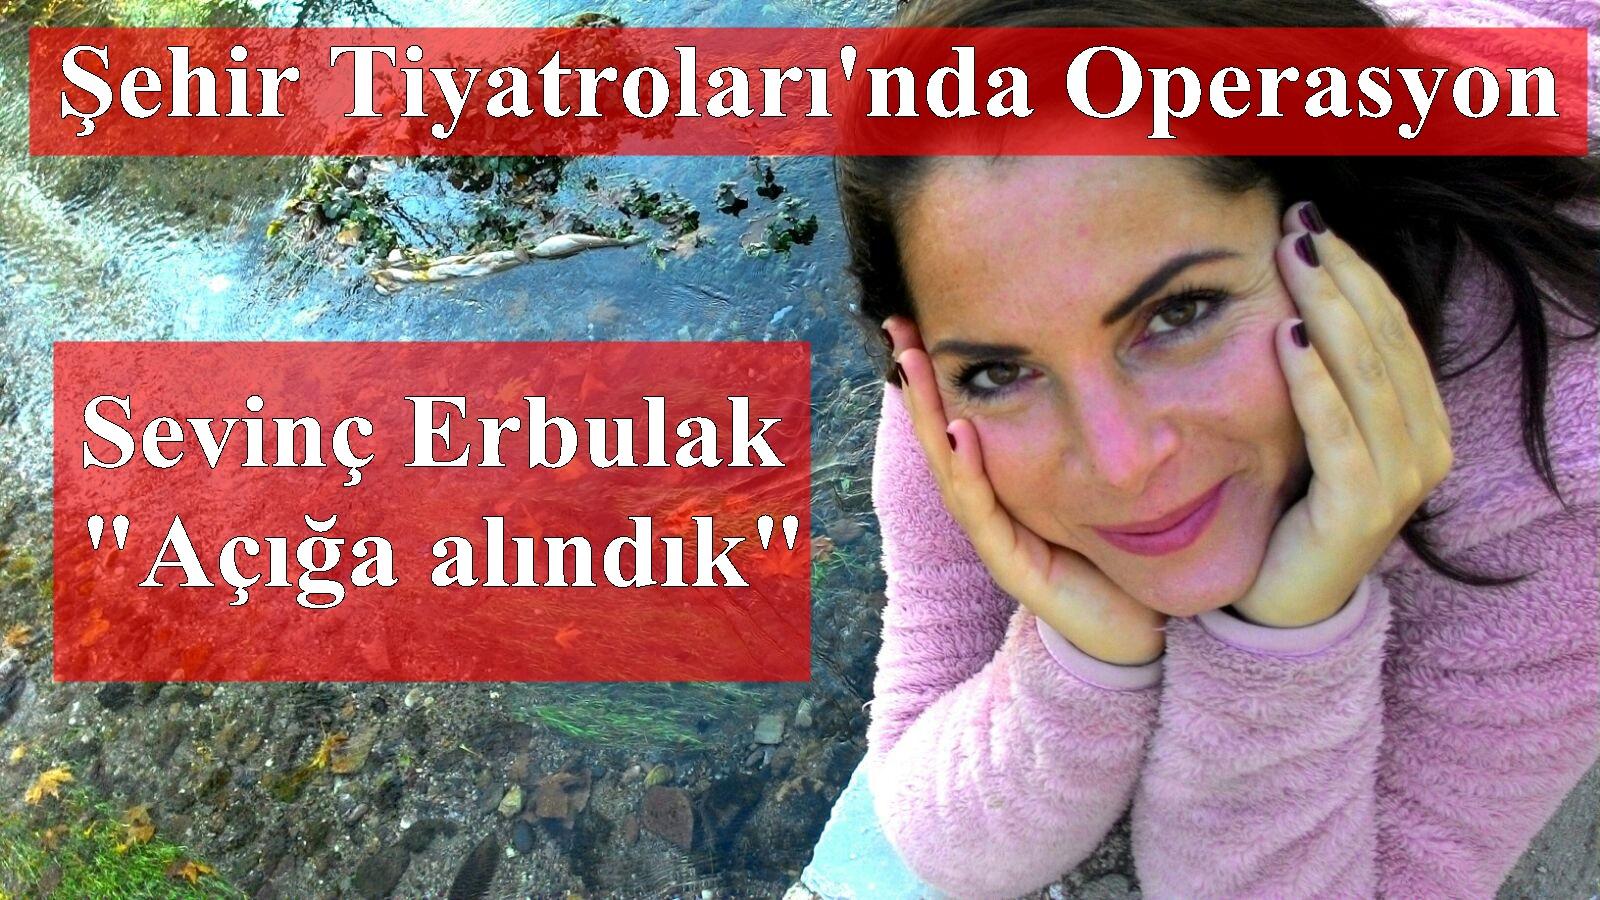 Ünlü oyuncu Sevinç Erbulak açığa alındı